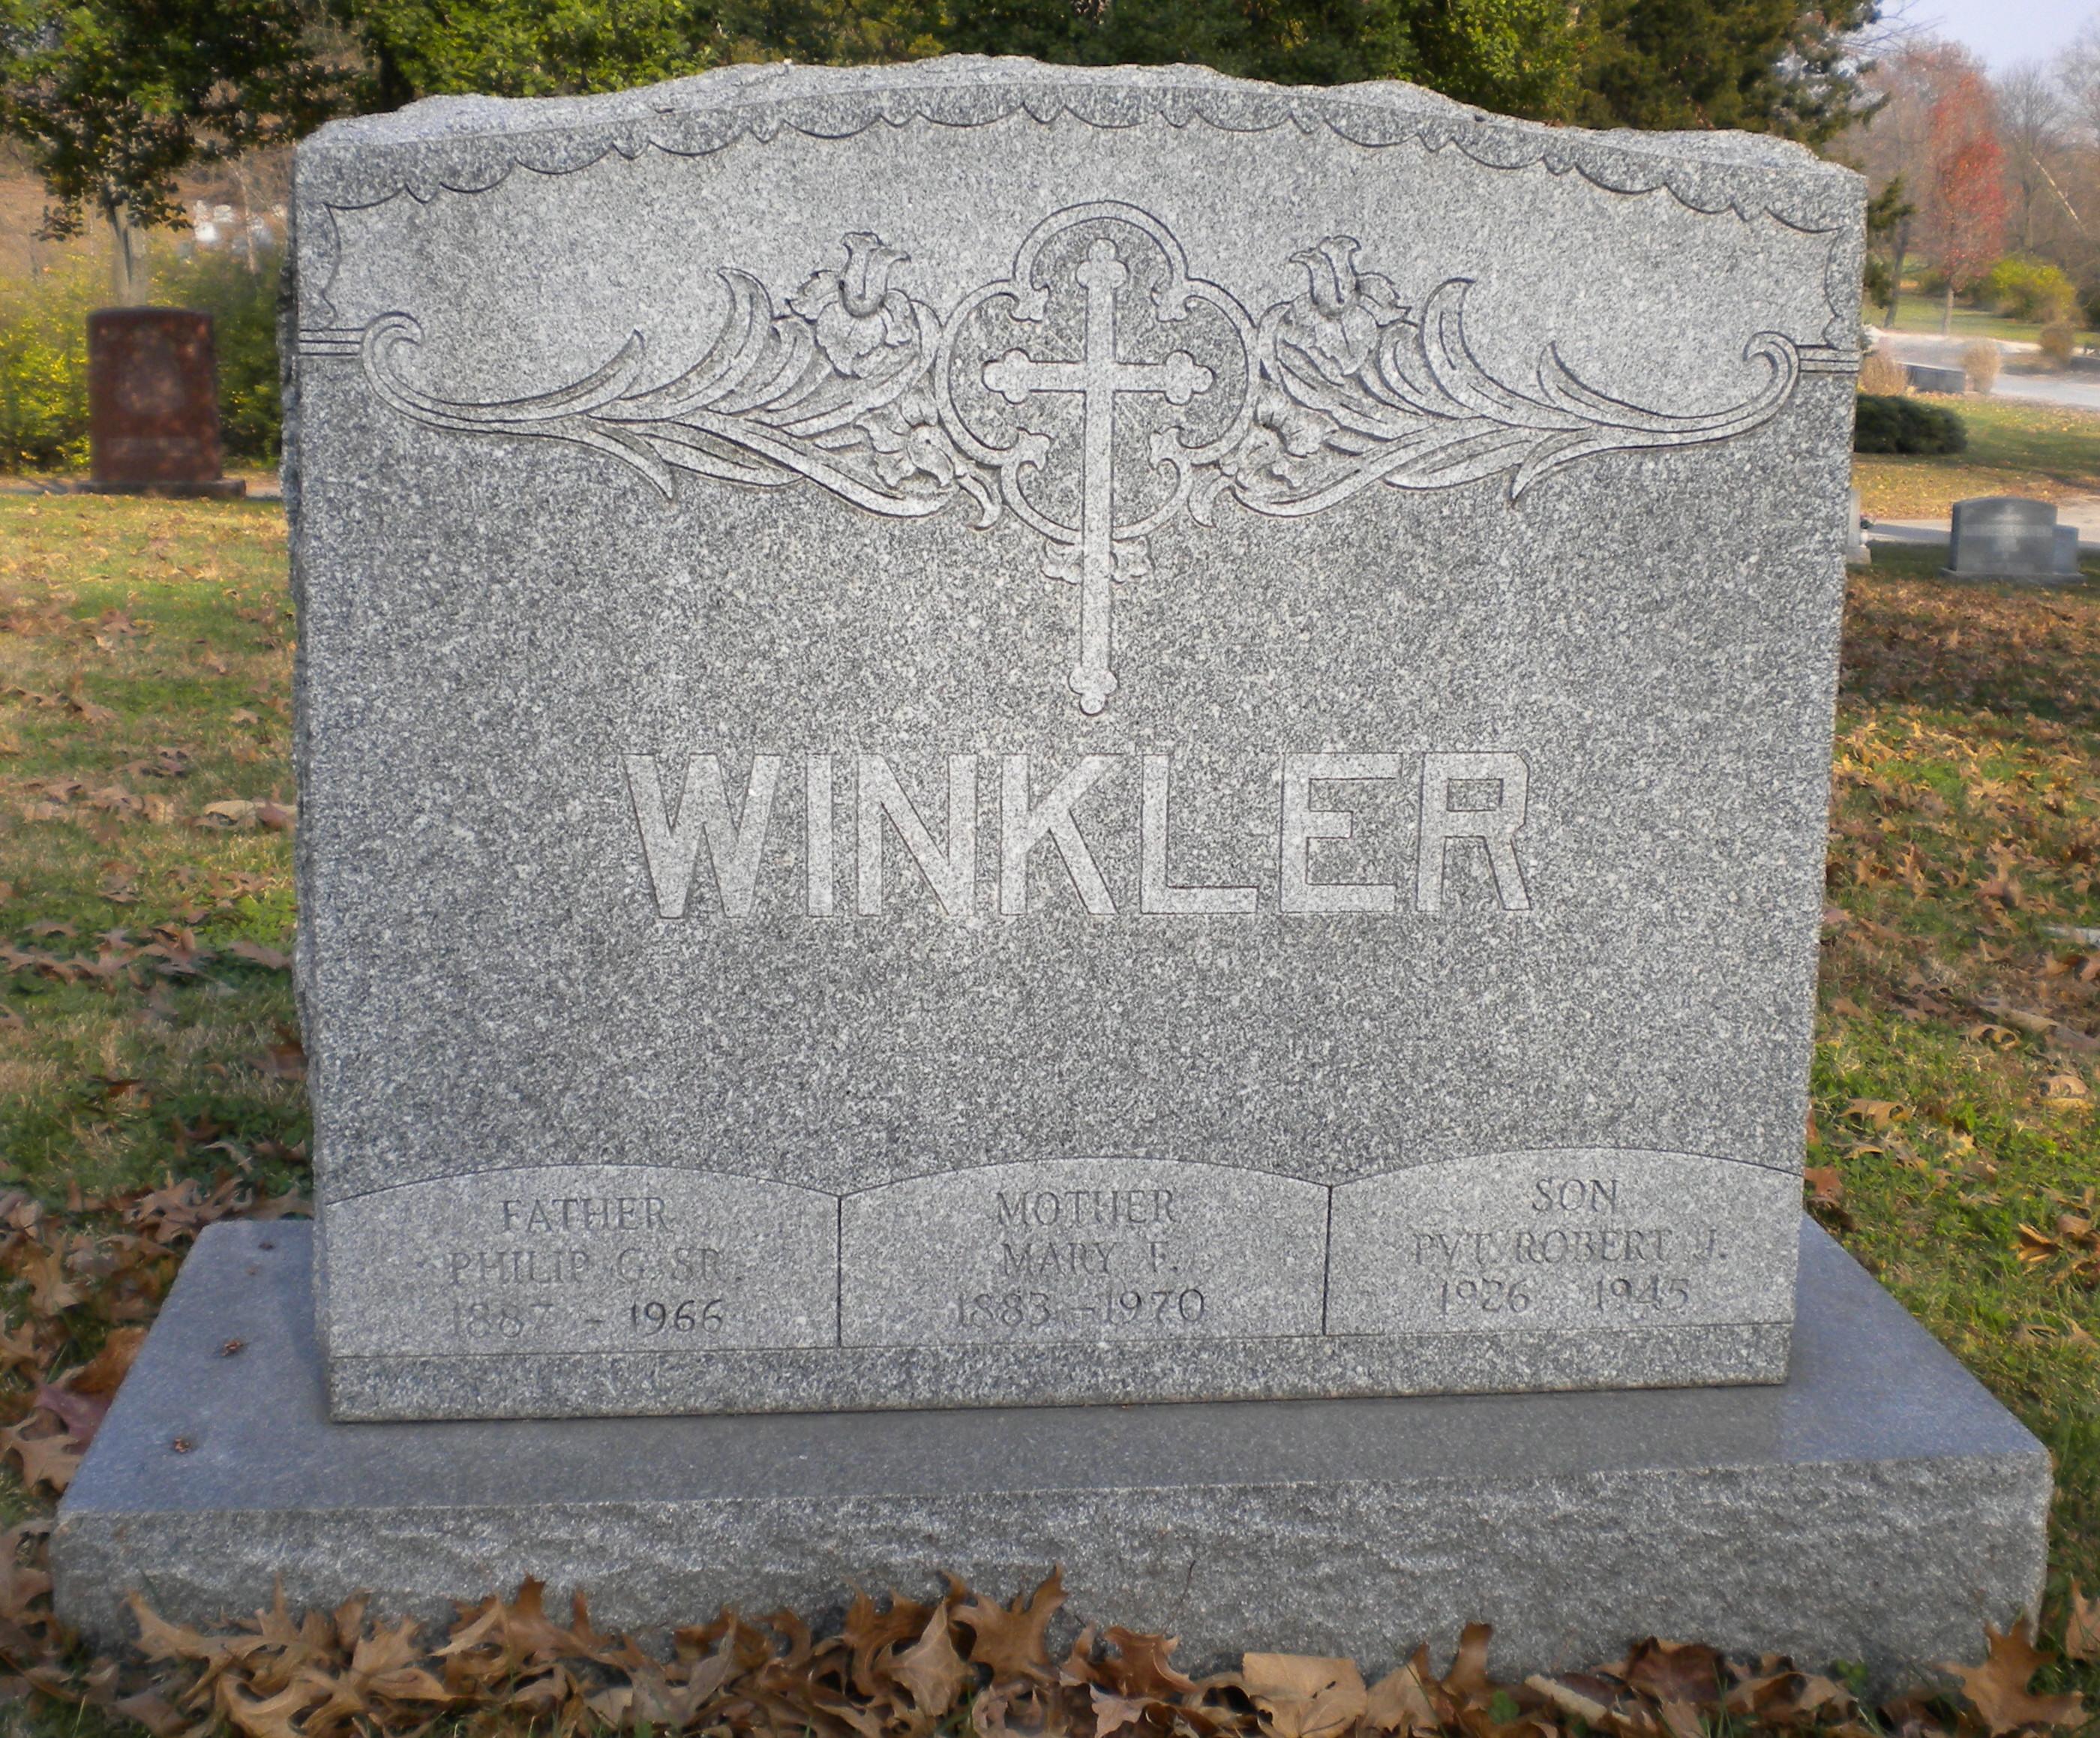 John Robert Winkler